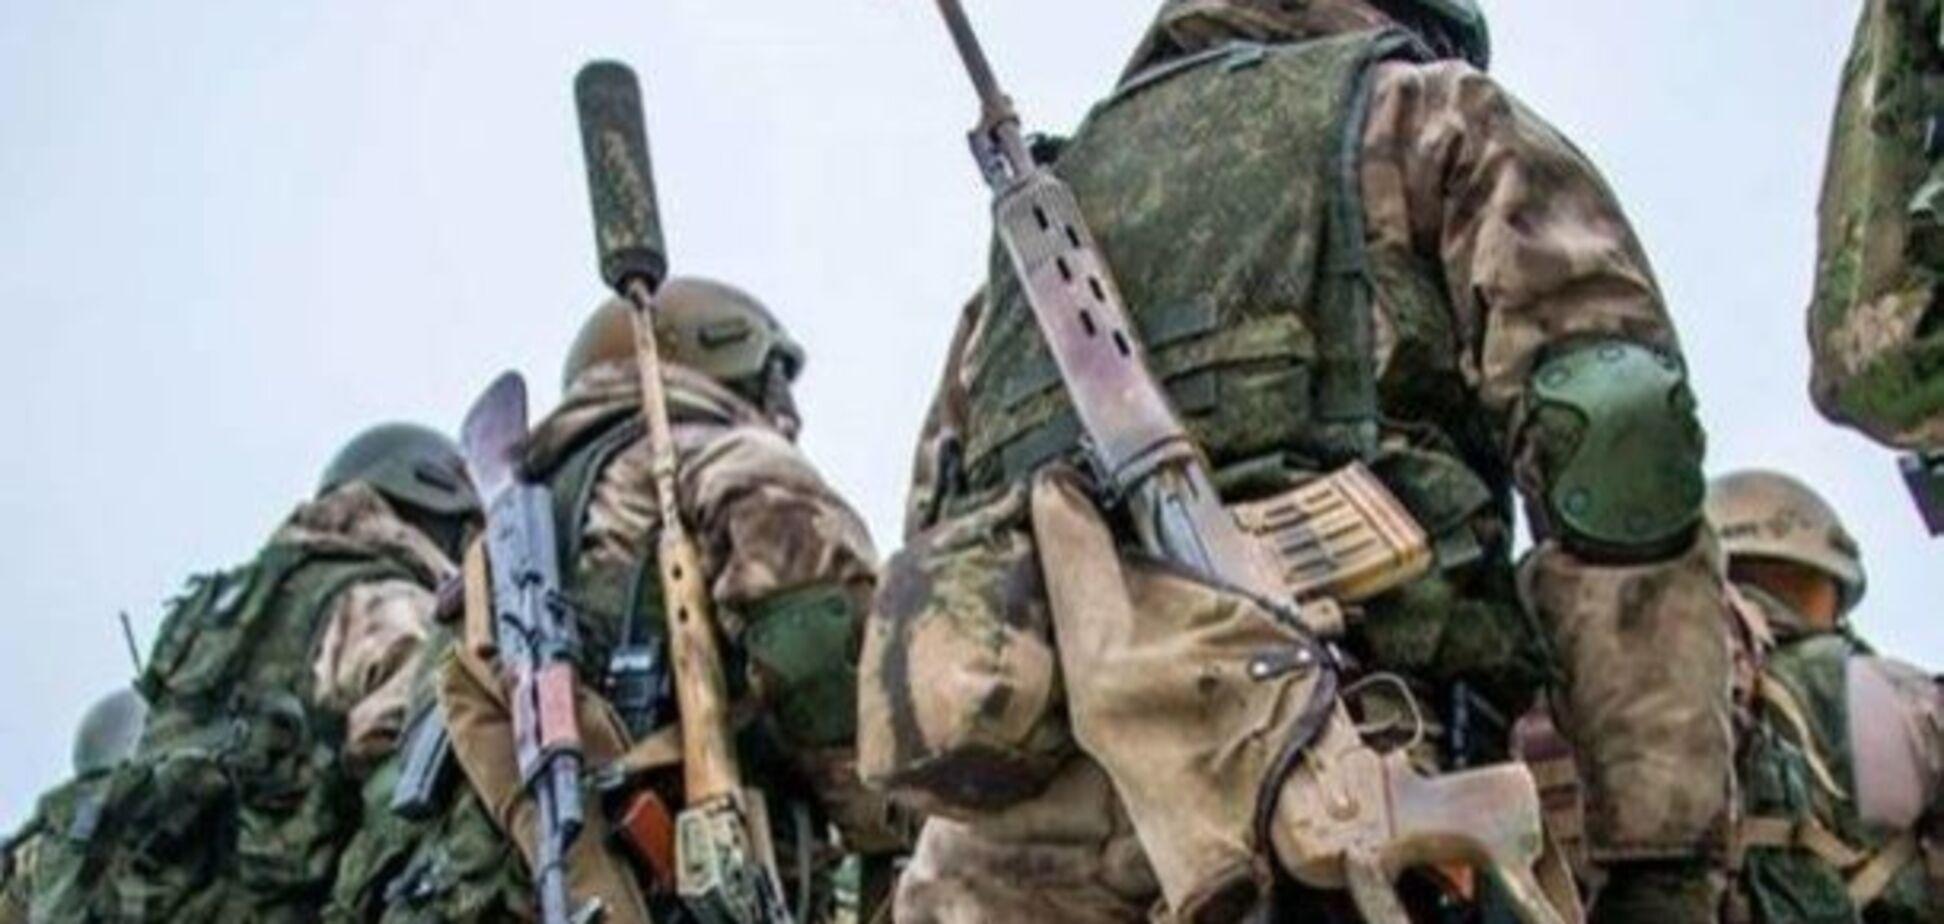 'Ваш муж — наемник! Он согласился убивать!' Стало известно, как вербовали россиян на войну в Украину